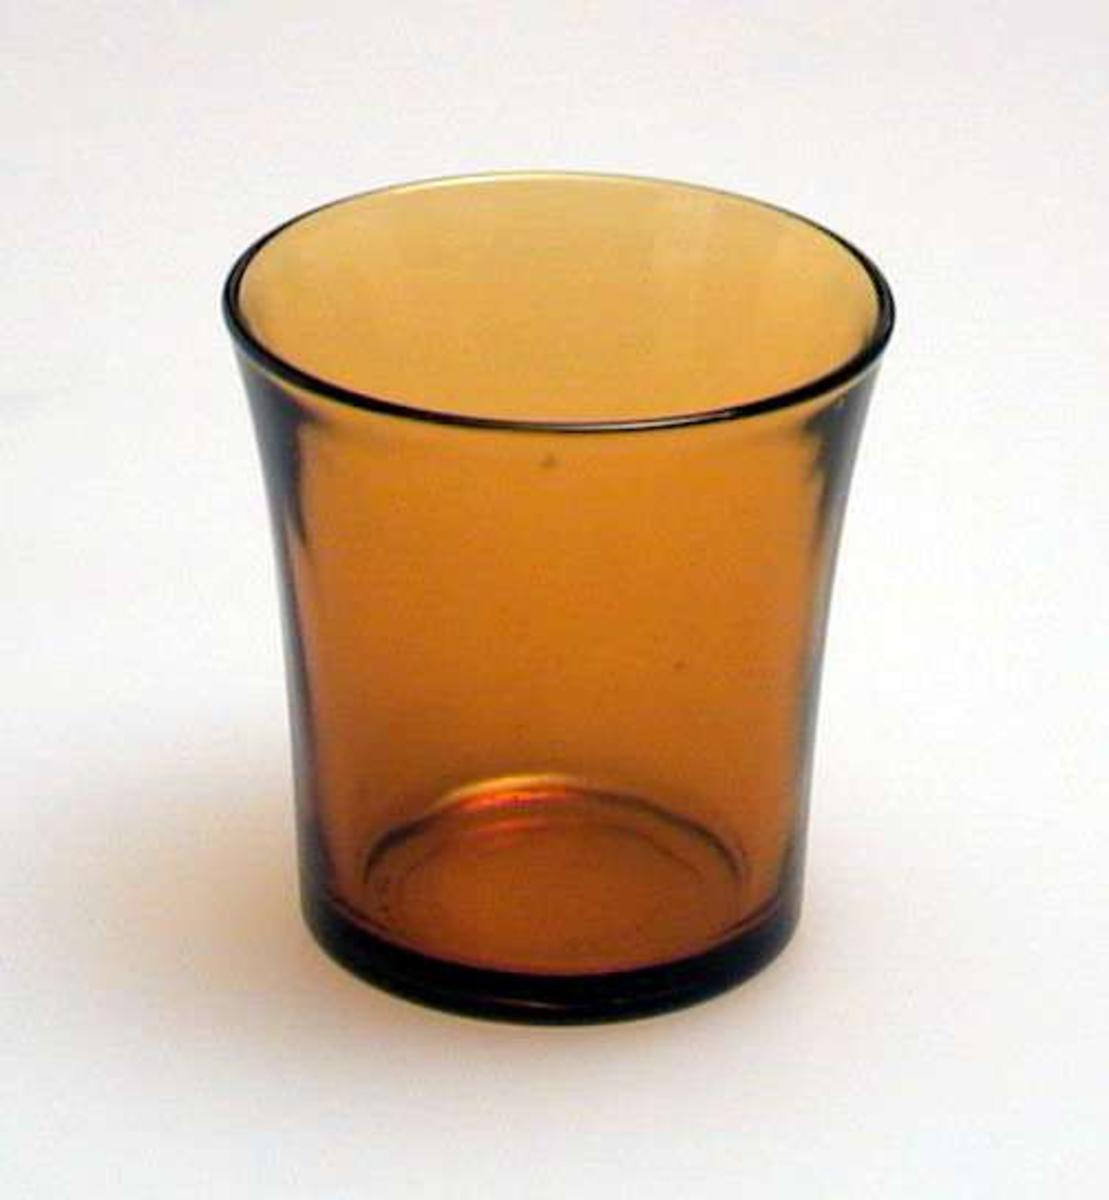 Glatt gulbrunt drikkeglass.